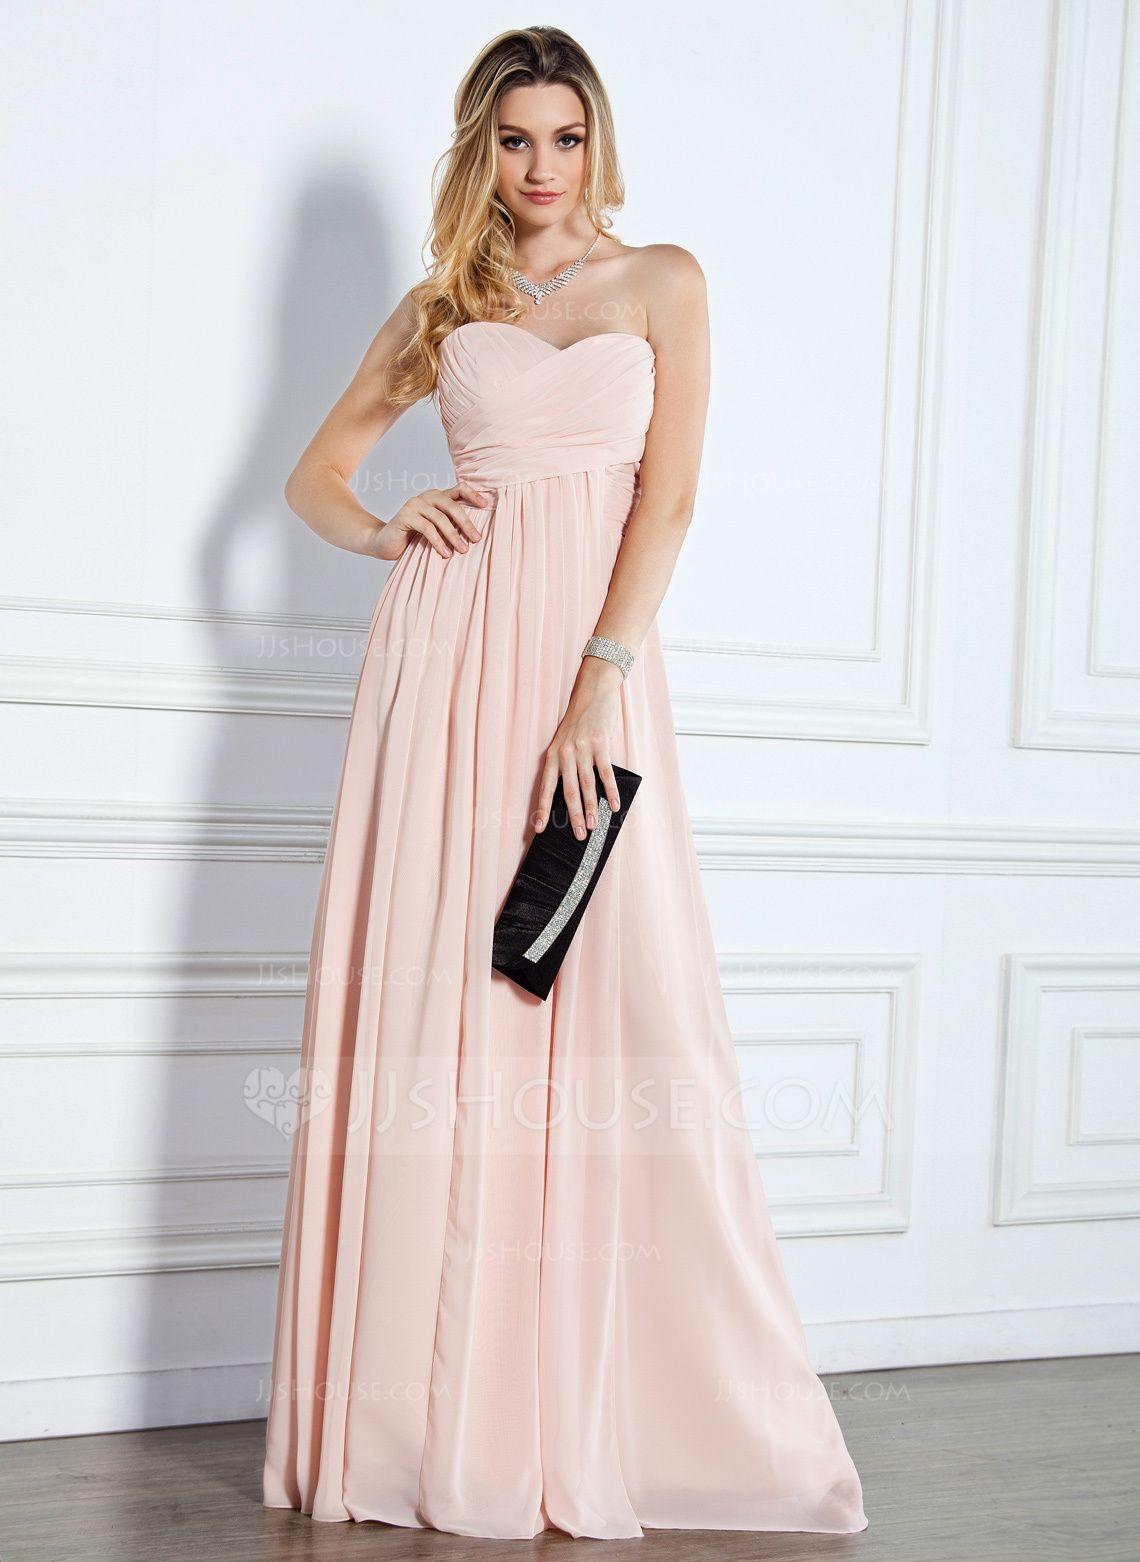 5d5a073d041 Empire-Linie Herzausschnitt Bodenlang Chiffon Abendkleid mit Rüschen  (017022510) - JJsHouse